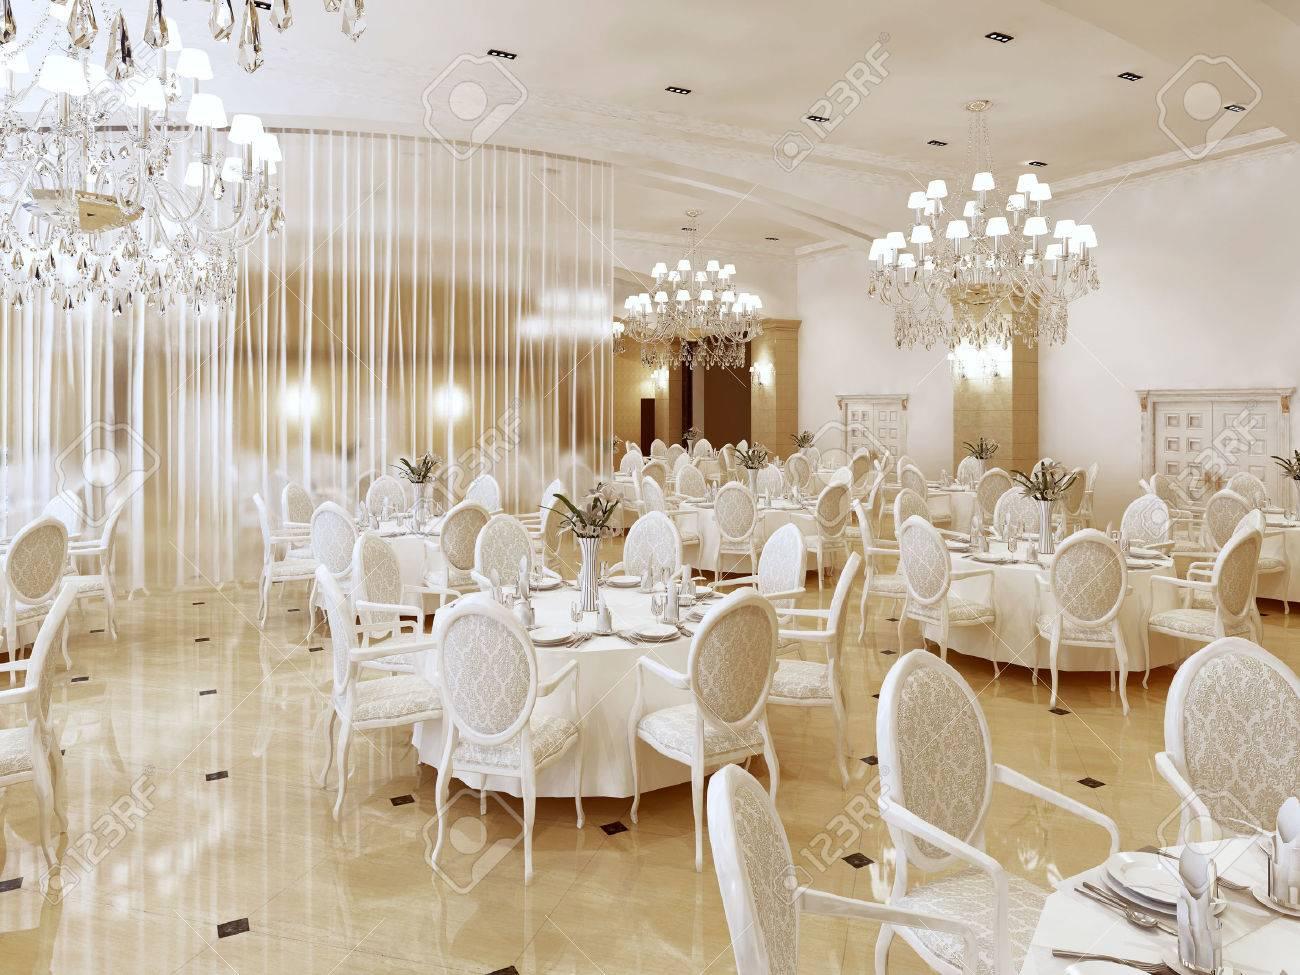 Hotel Di Lusso Interni : Immagini stock a grand ristorante e una sala da ballo in un hotel